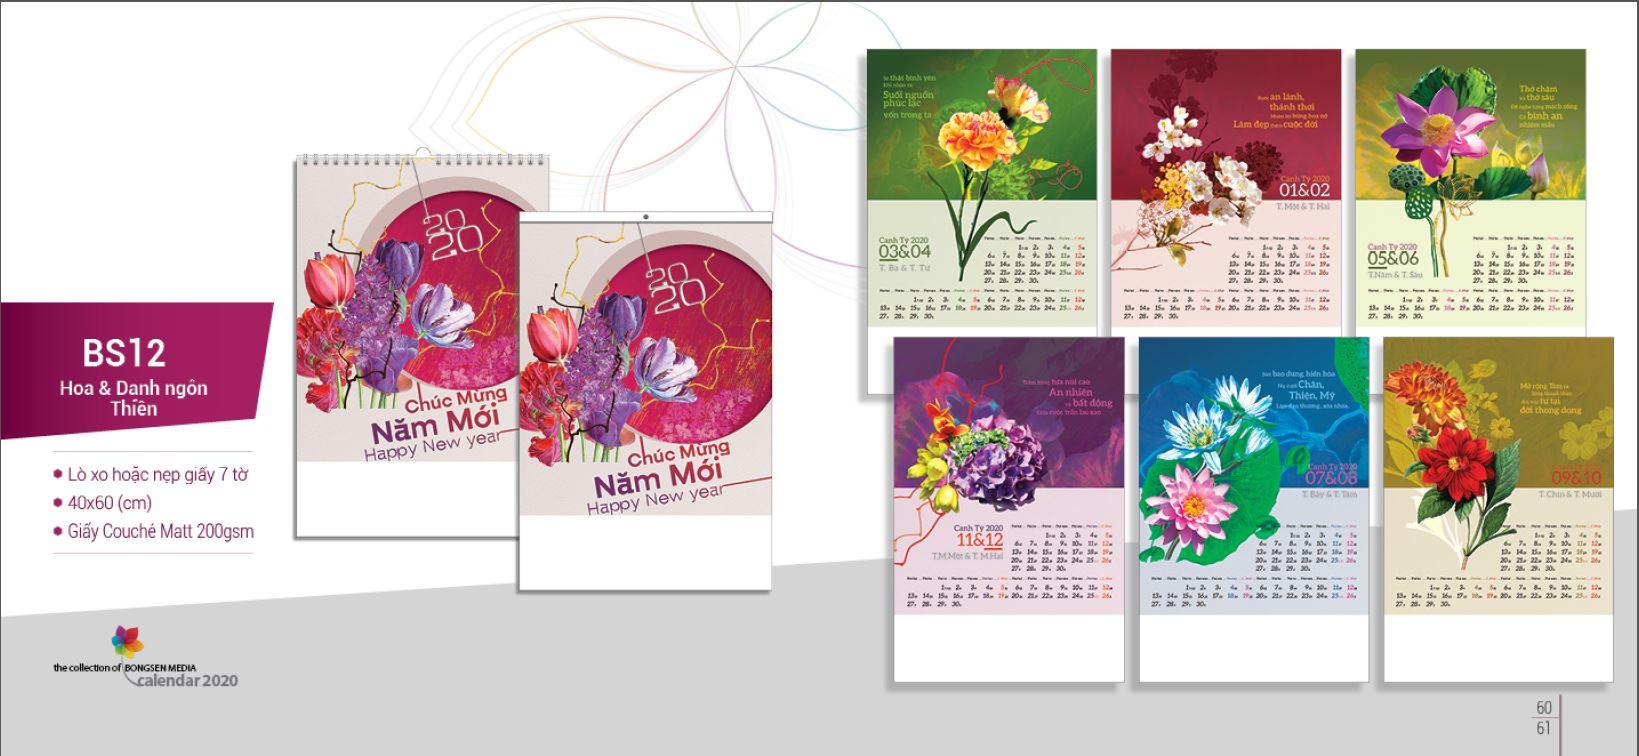 Mẫu lịch Tết treo tường BS 2020 - Hoa và danh ngôn thiền